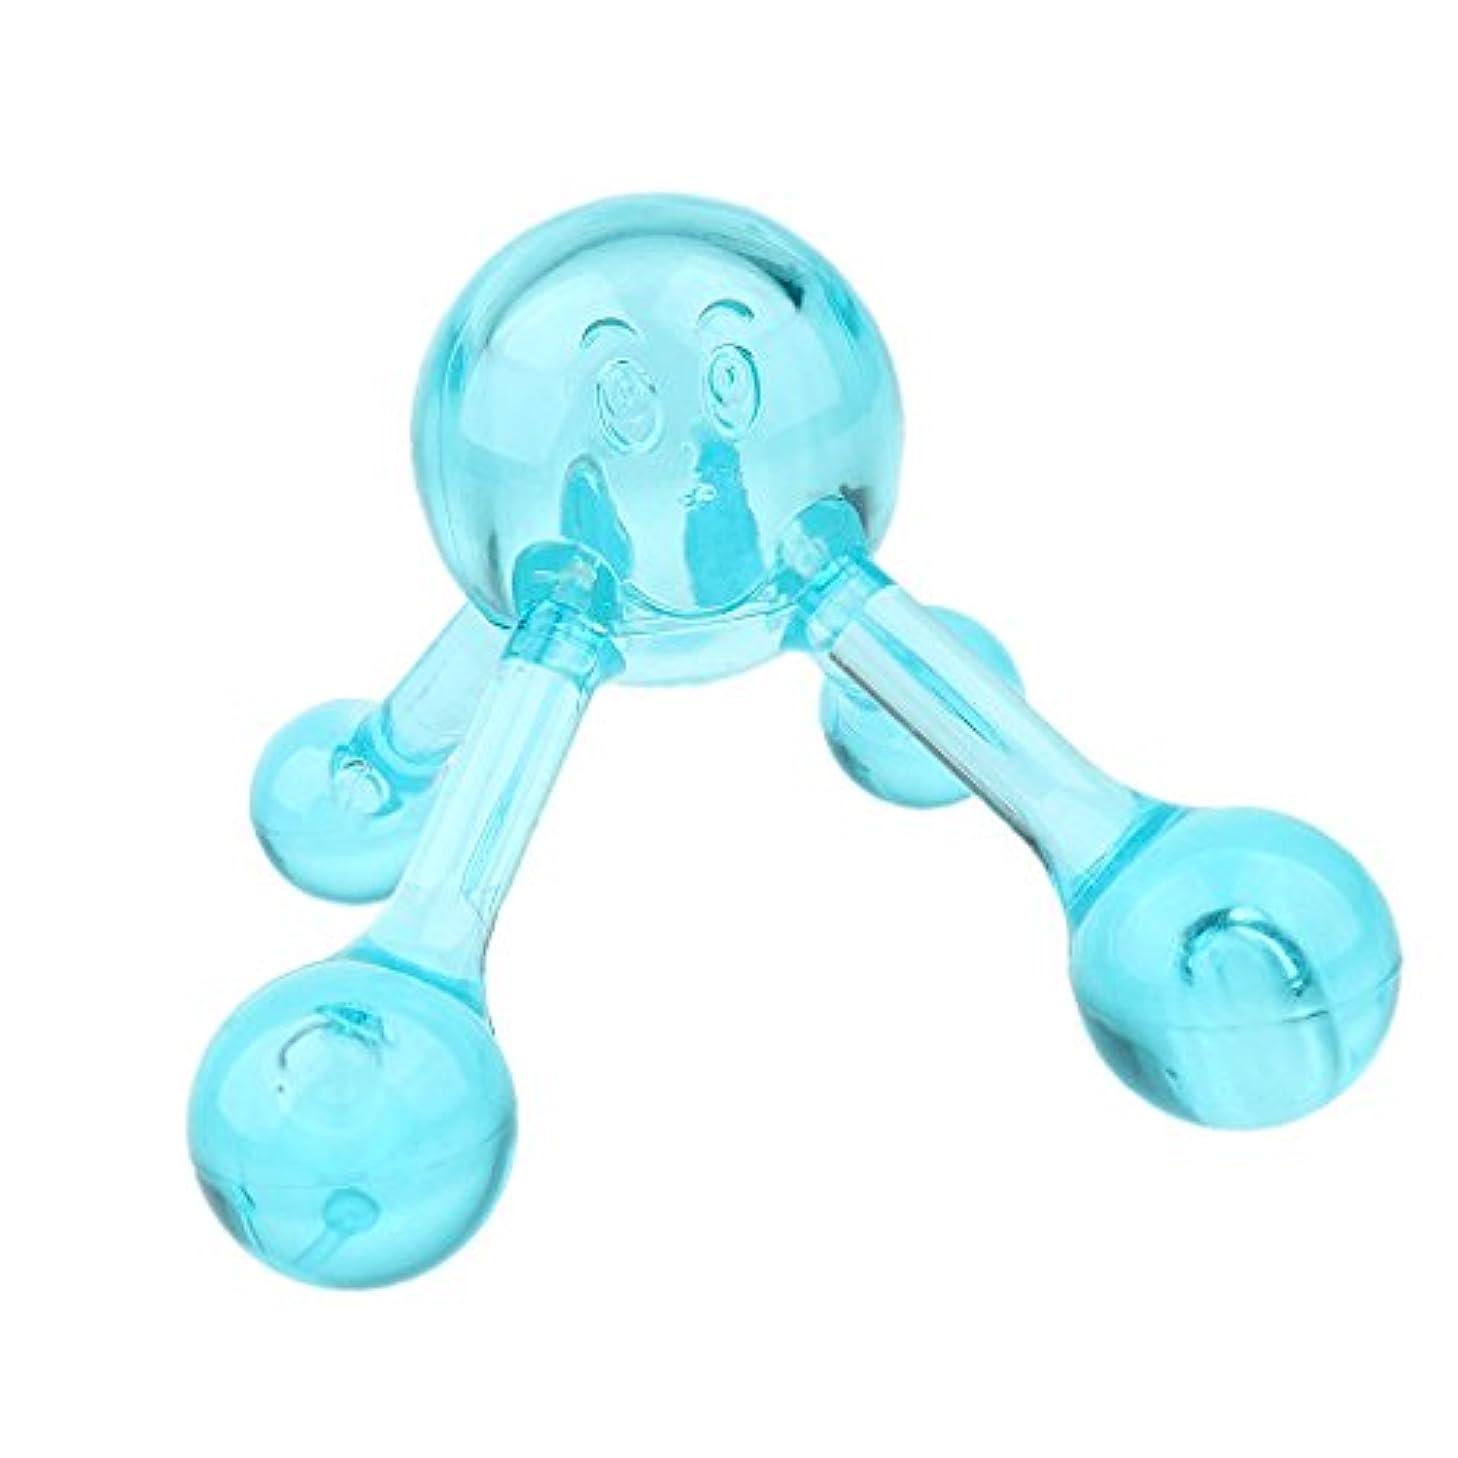 俳句悲しいことに寸前Baoblaze ネック ショルダー バック マッサージボール マニュアル ローラーマッサージャー プラスチック製